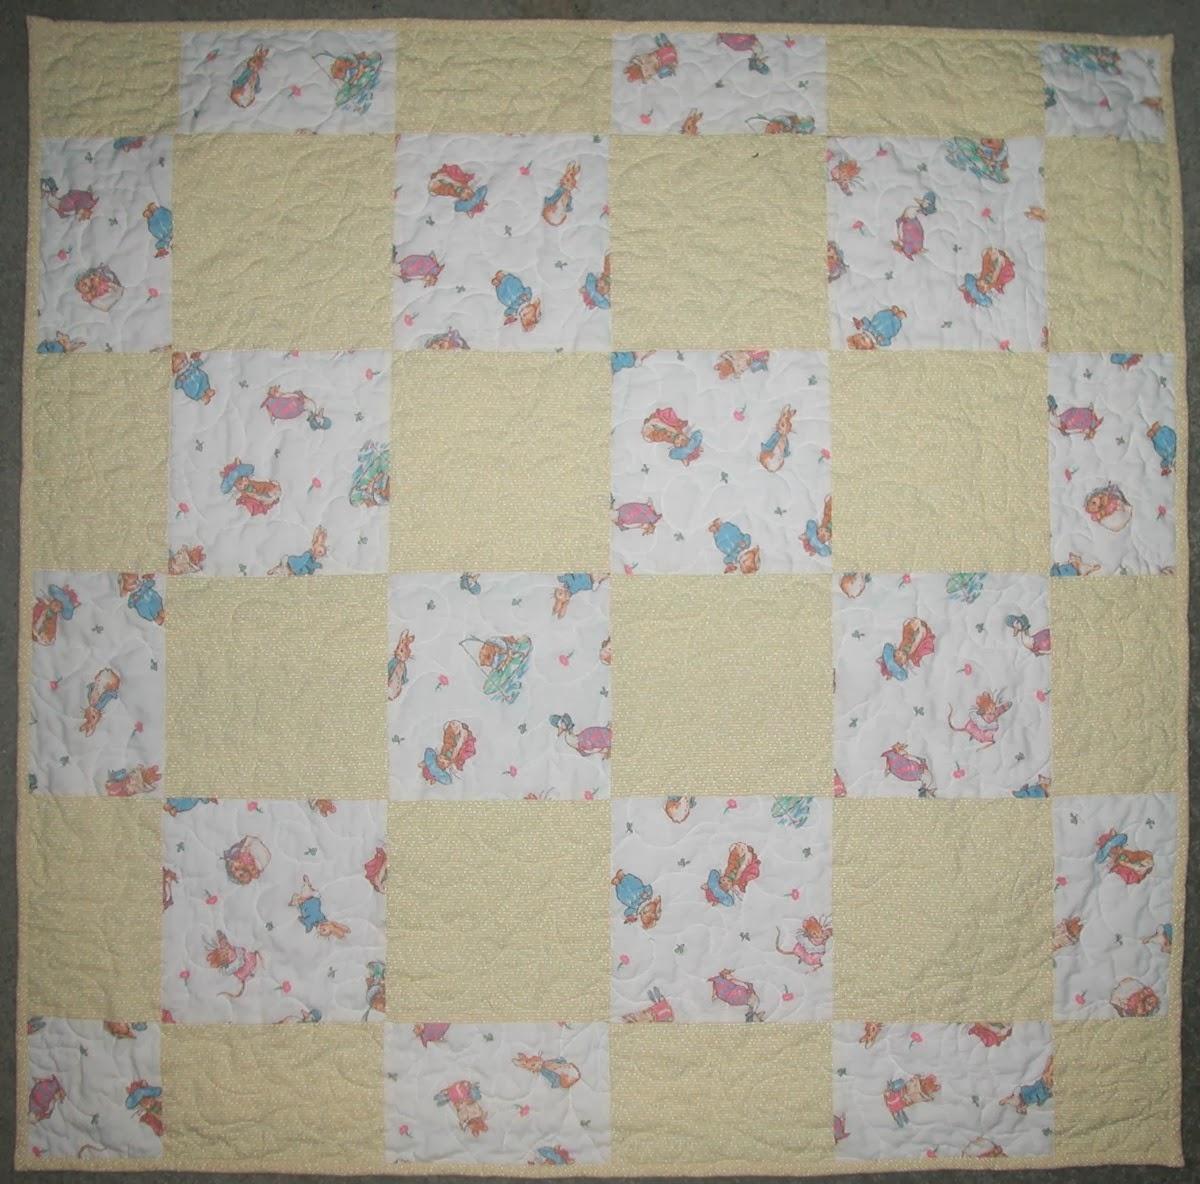 MaDan's Quilting: Peter Rabbit Baby Quilt : peter rabbit baby quilt - Adamdwight.com